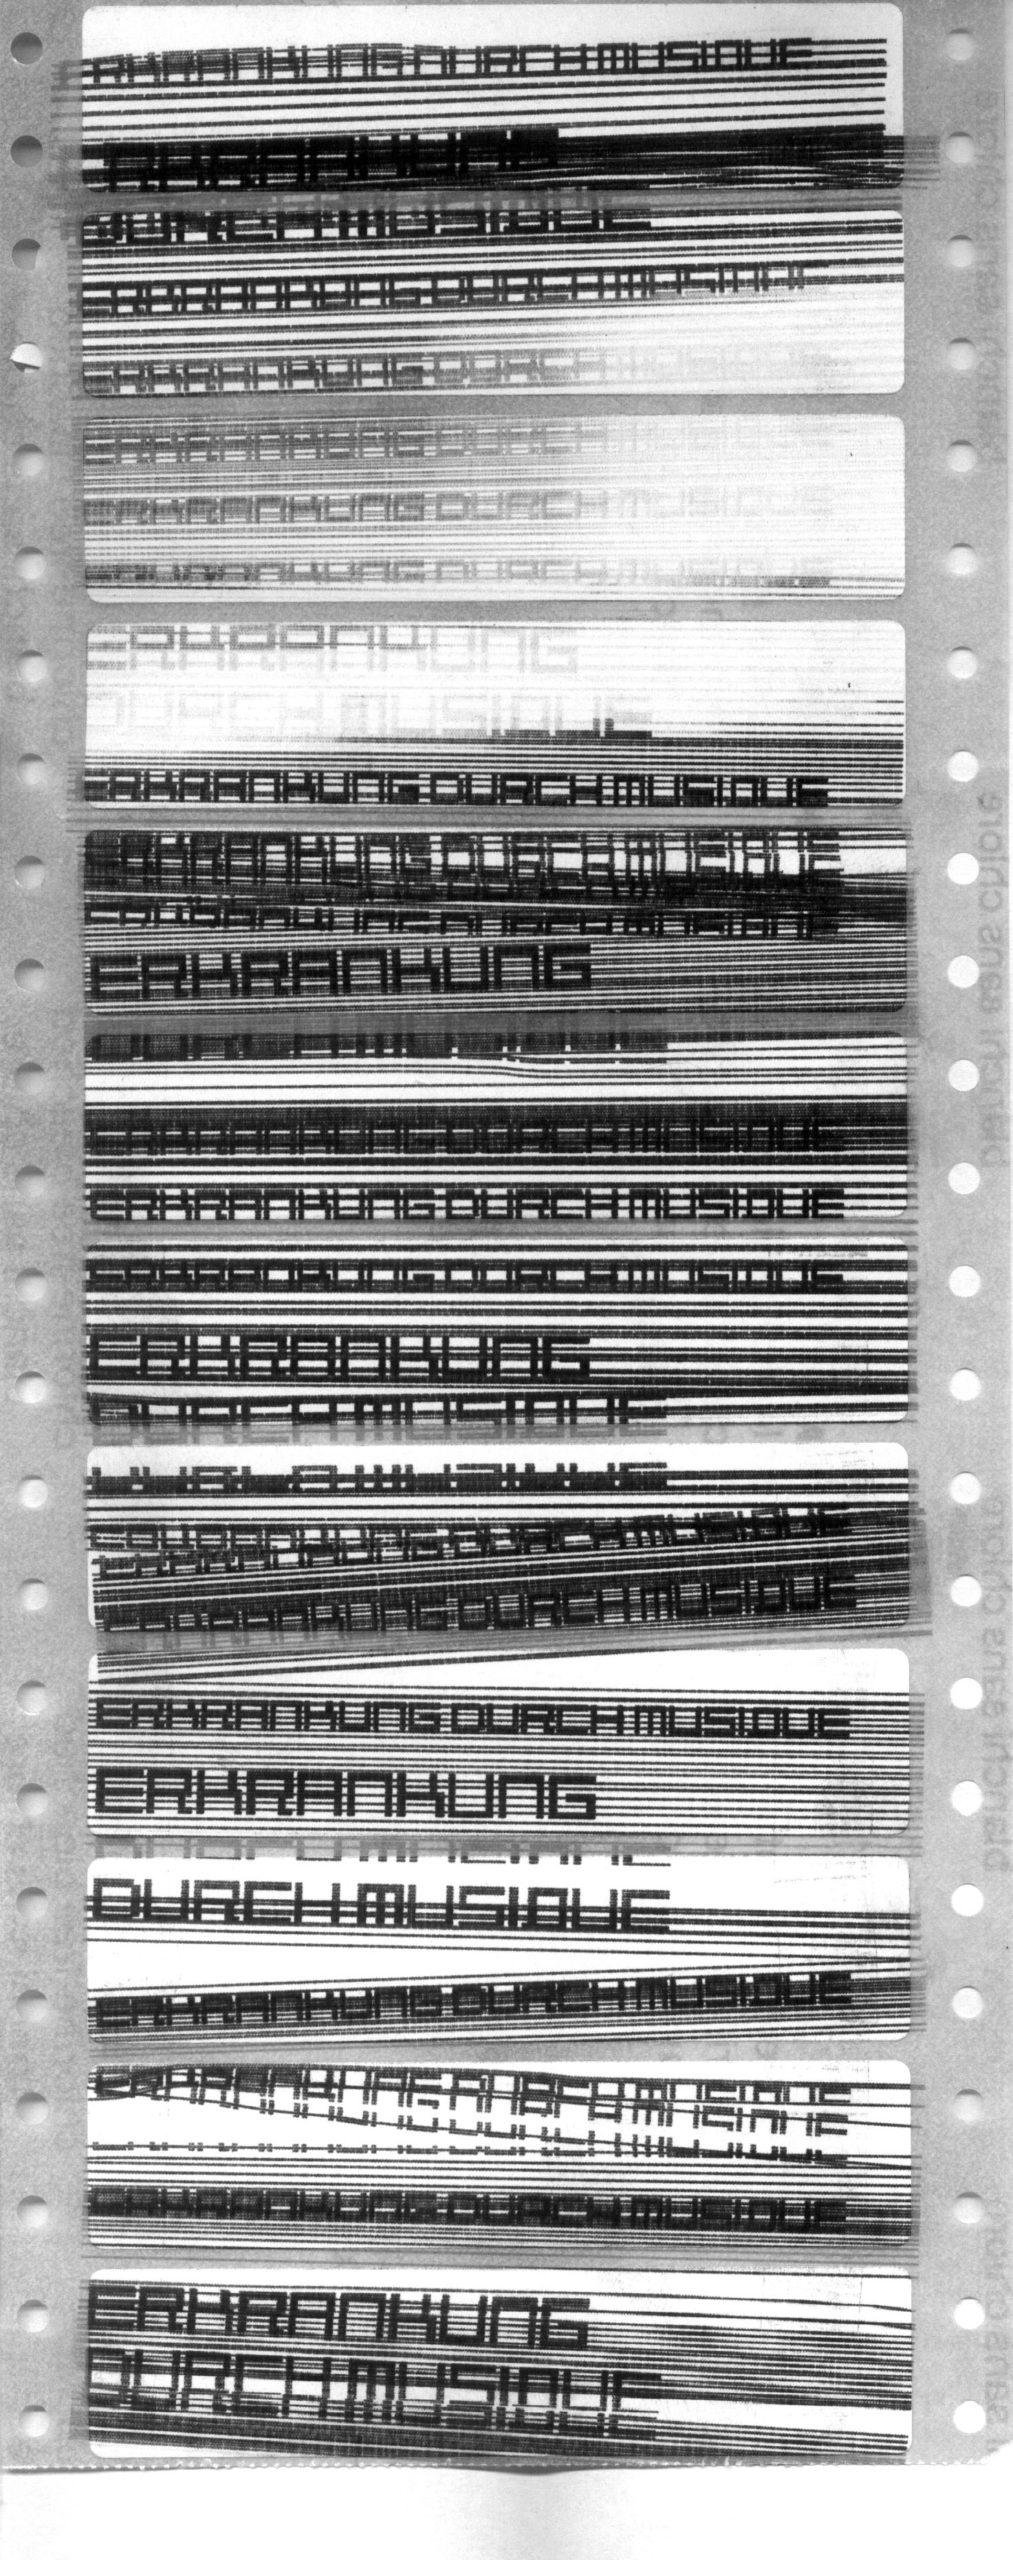 stickers for erkrankung-durch-musique-2003-erkrankung.net